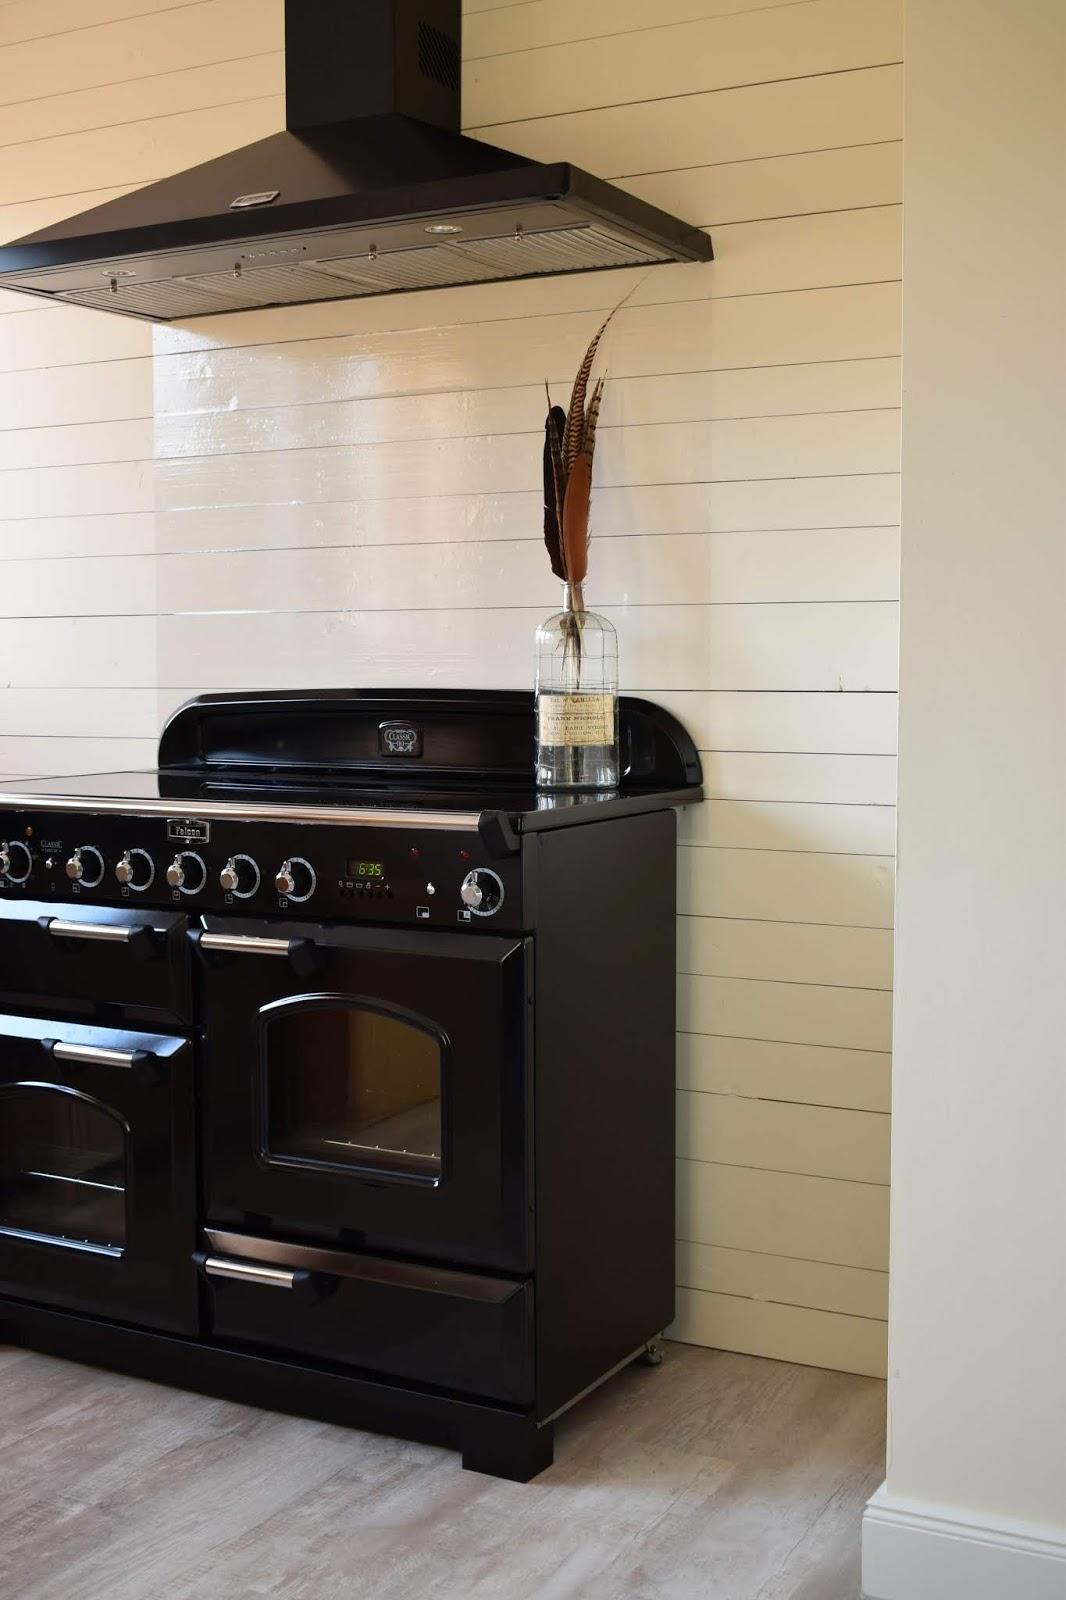 Spritzschutz Küche DIY selber machen Schutzfolie Falcon Ranke Cooker Herd nostalgisch Nostalgie